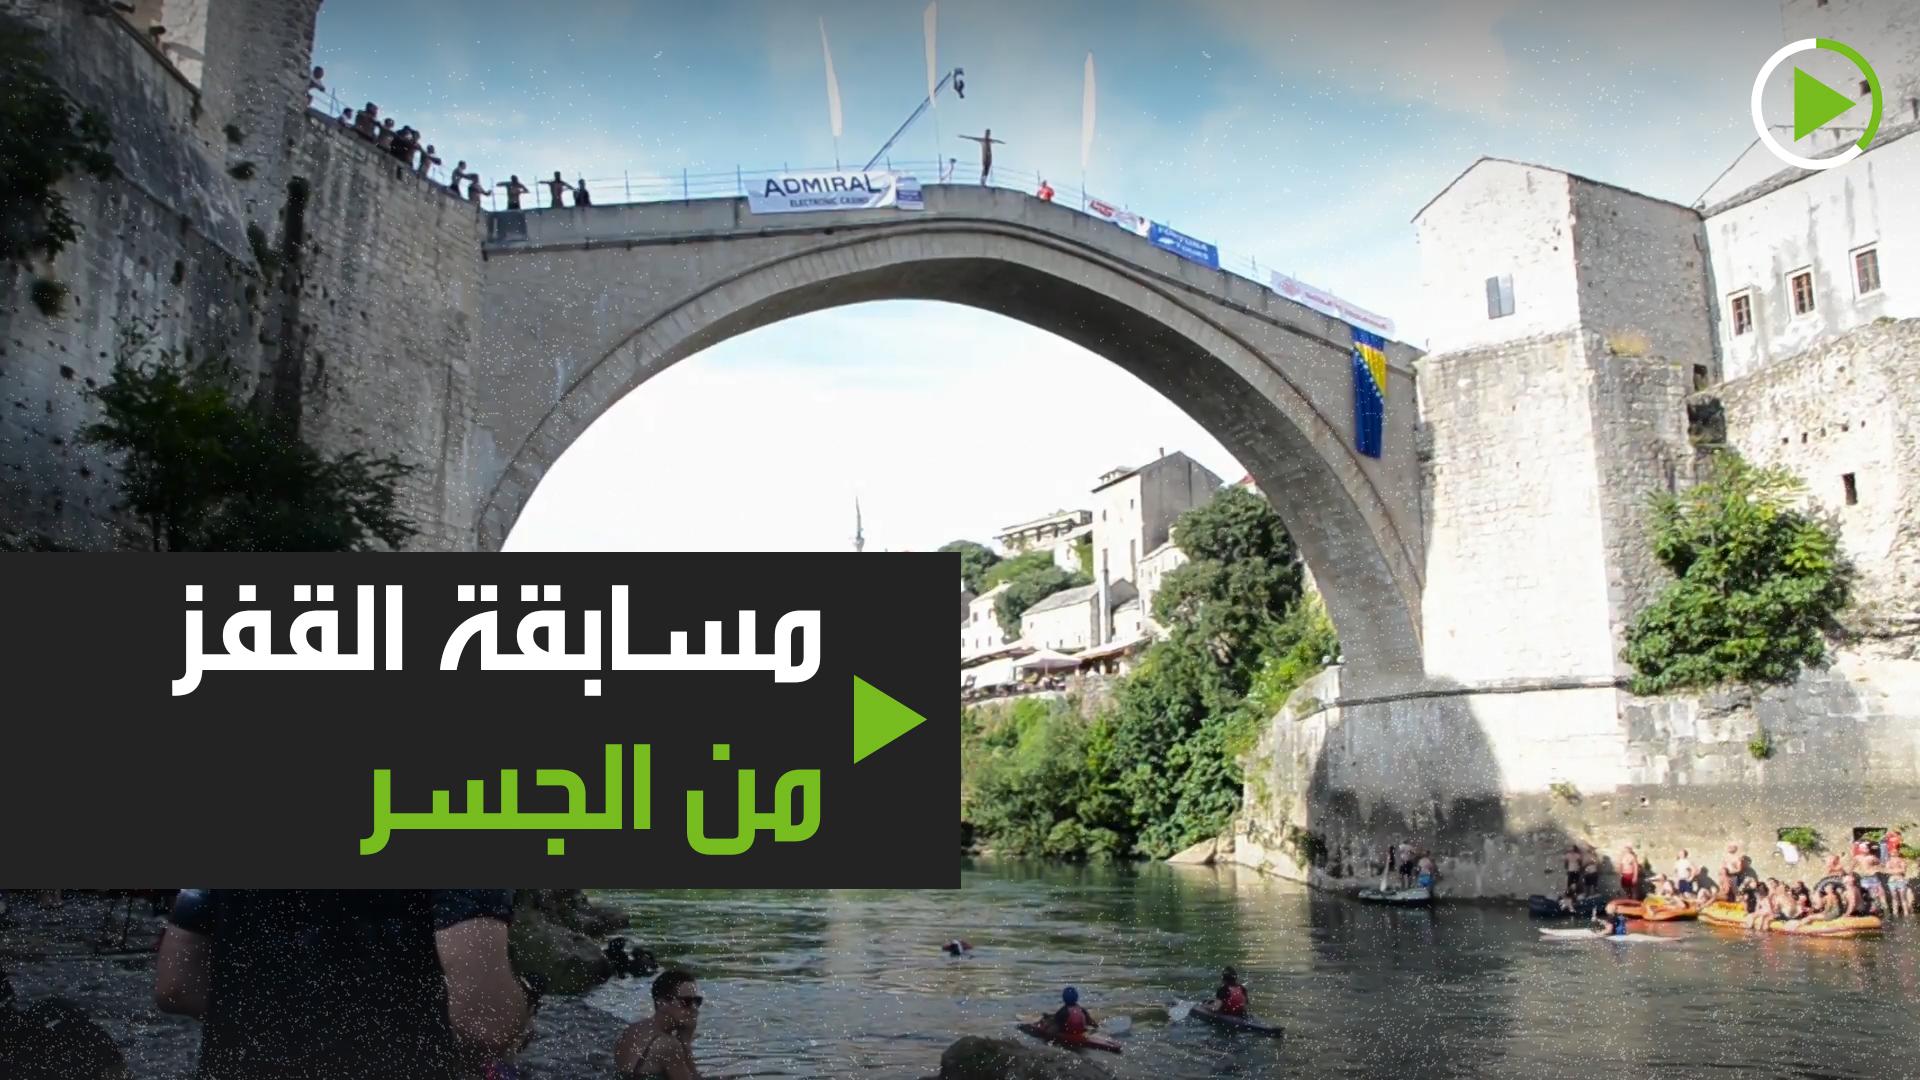 مسابقة القفز من الجسر